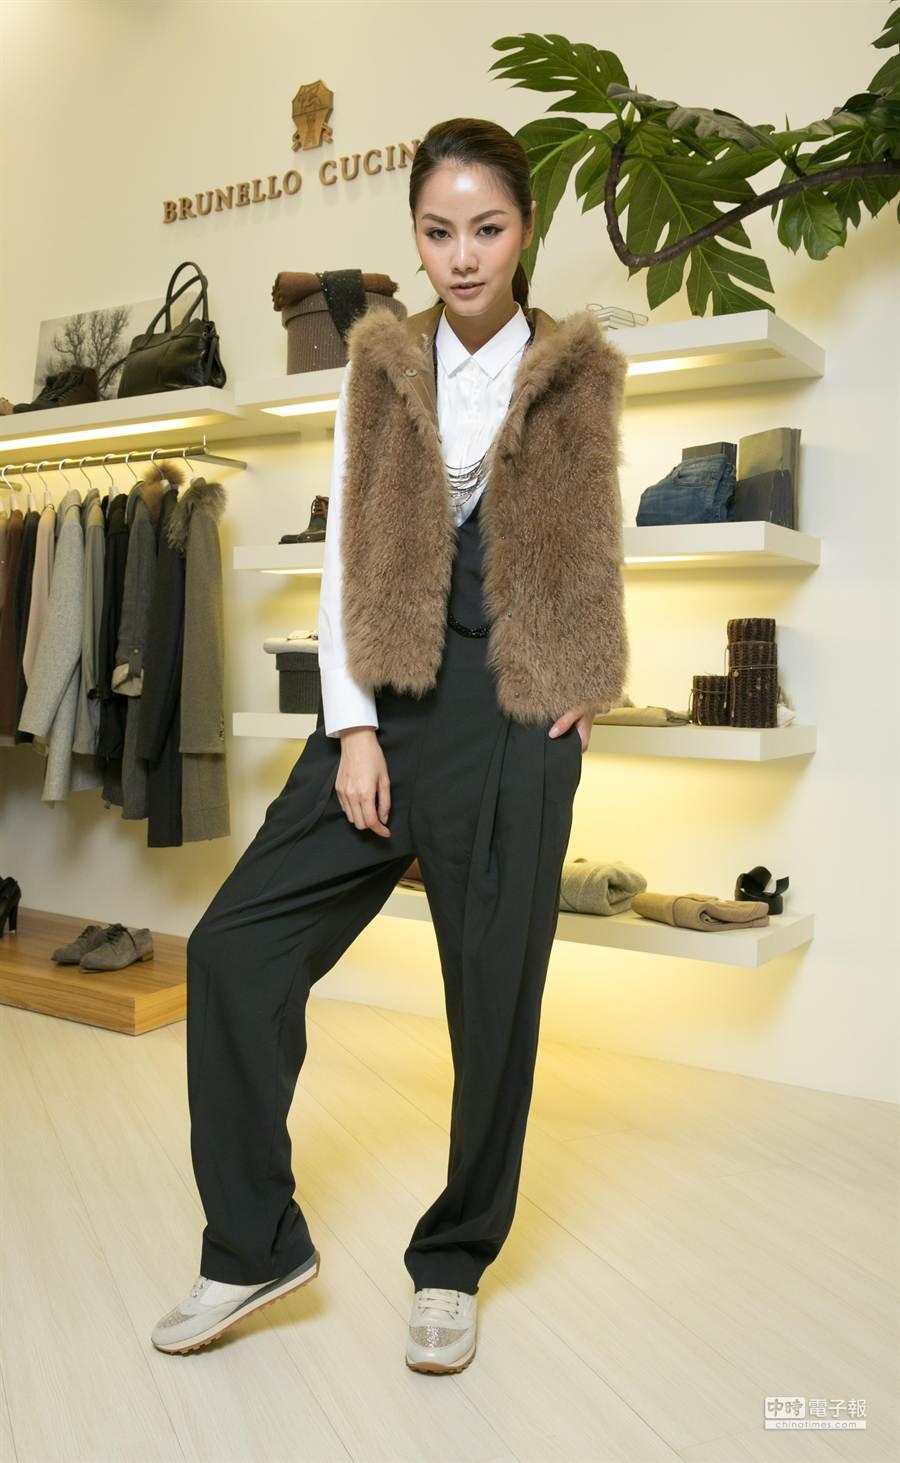 Brunello Cucinelli早秋系列主打多層次穿搭,每一件單品皆十分百搭,充分發揮Mix & Match精神。(品牌提供)